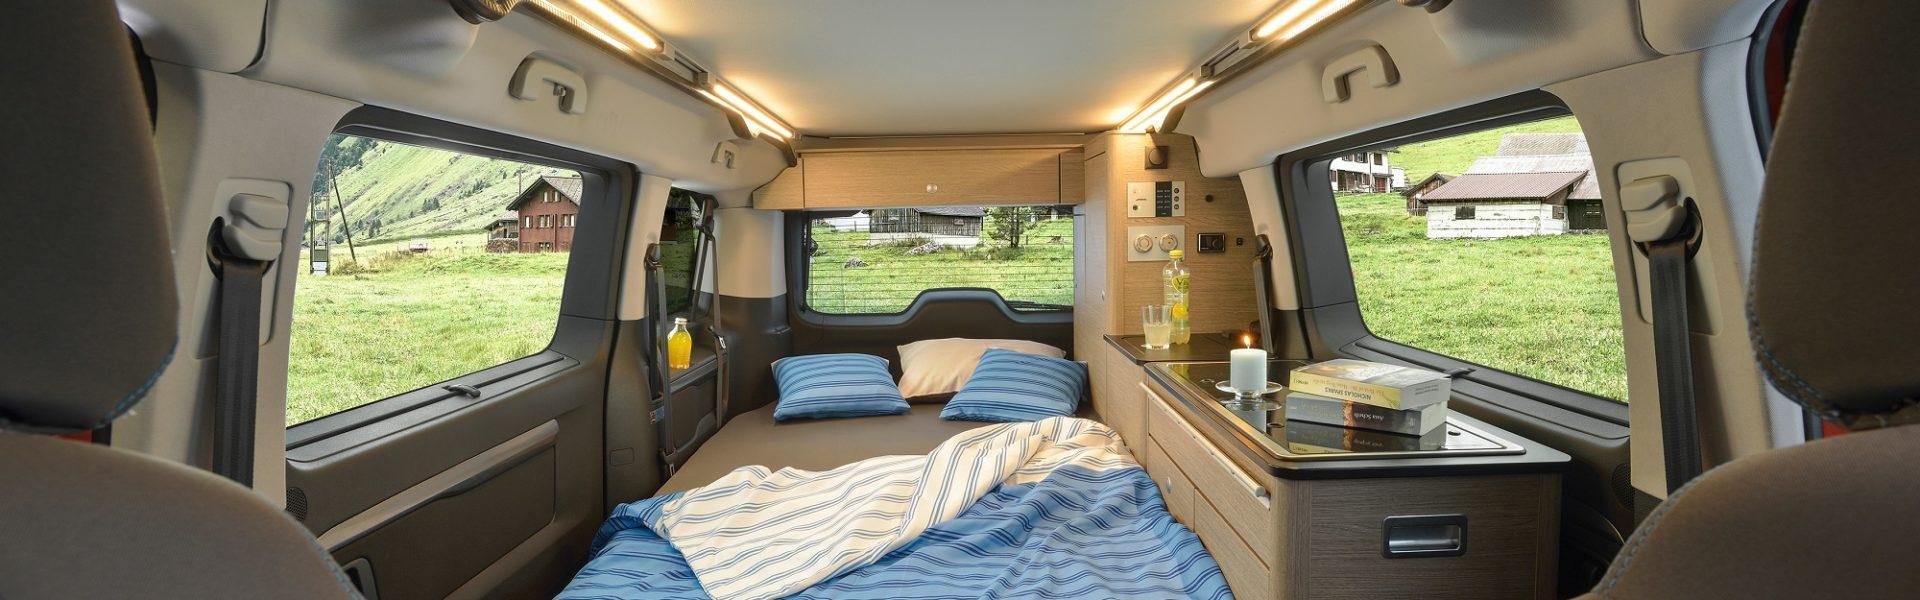 investir dans un van aménagé - le couchage